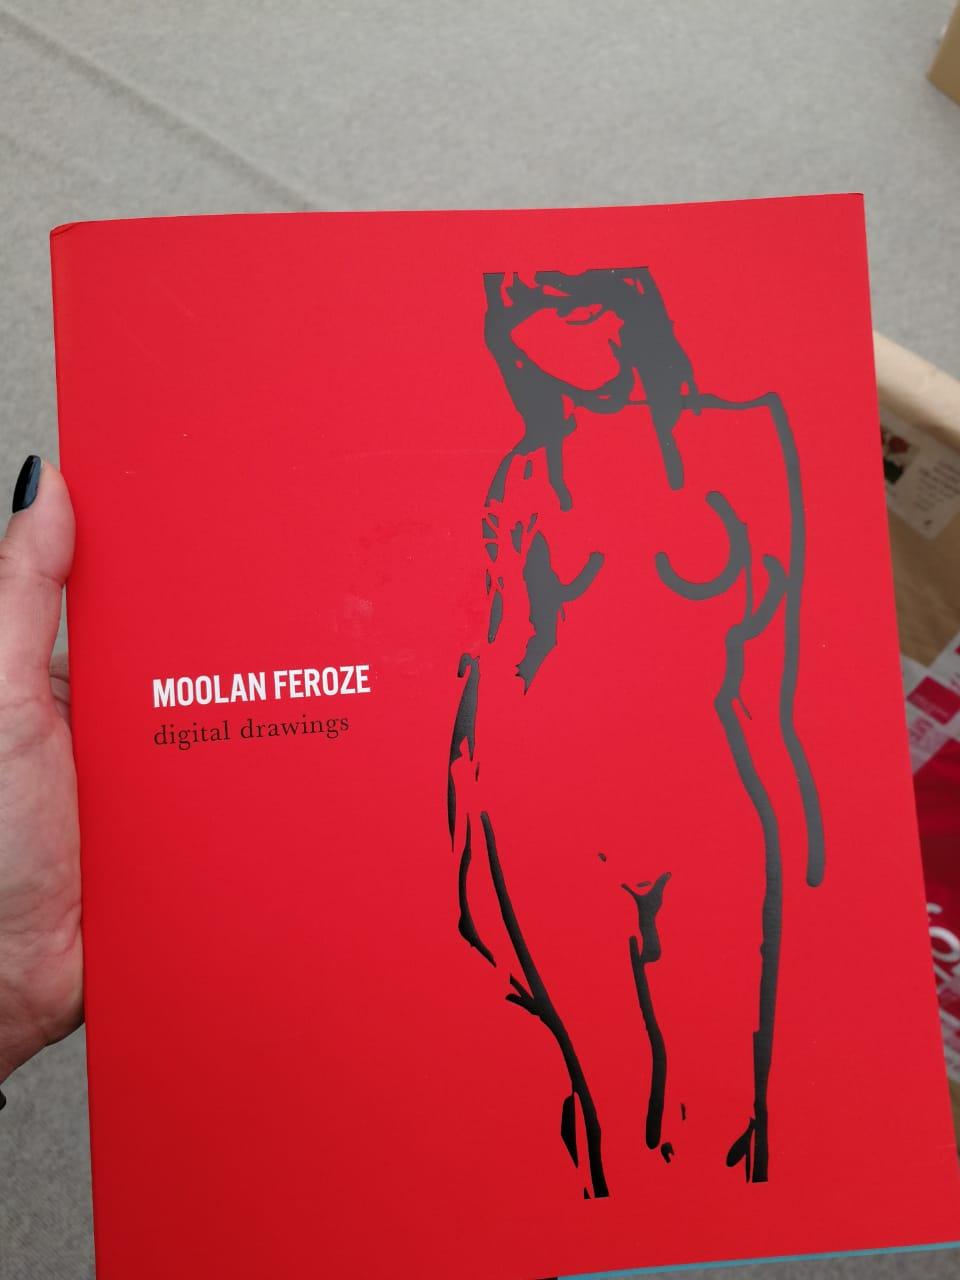 Peter Moolan-Feroze's book of nudes